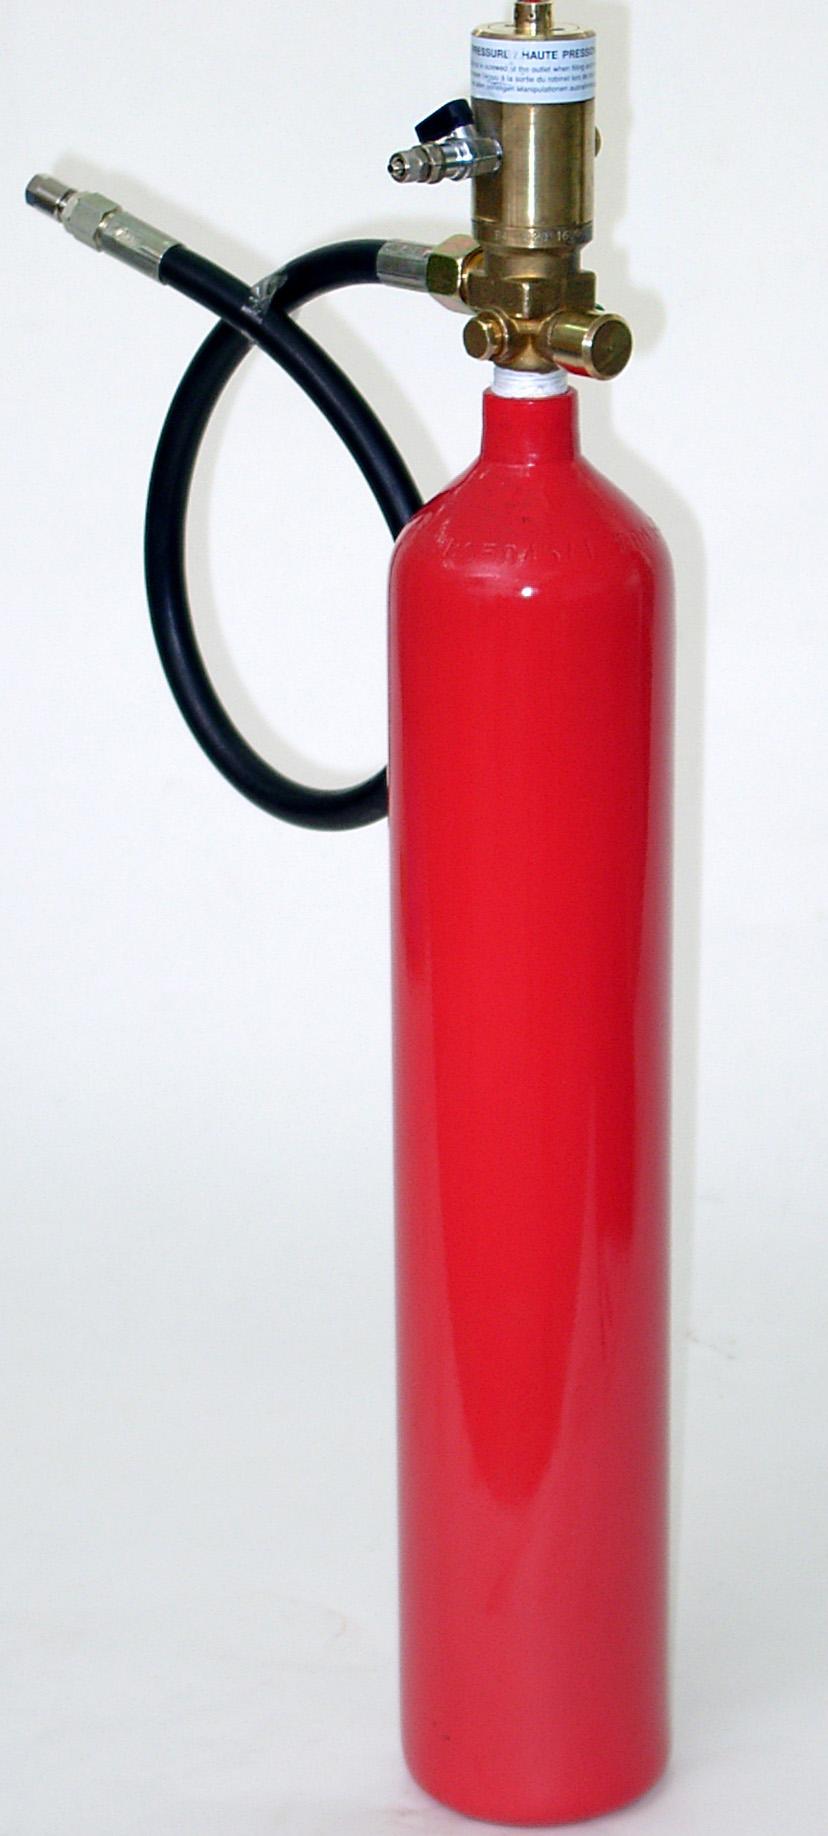 火探管式自动灭火装置4.jpg